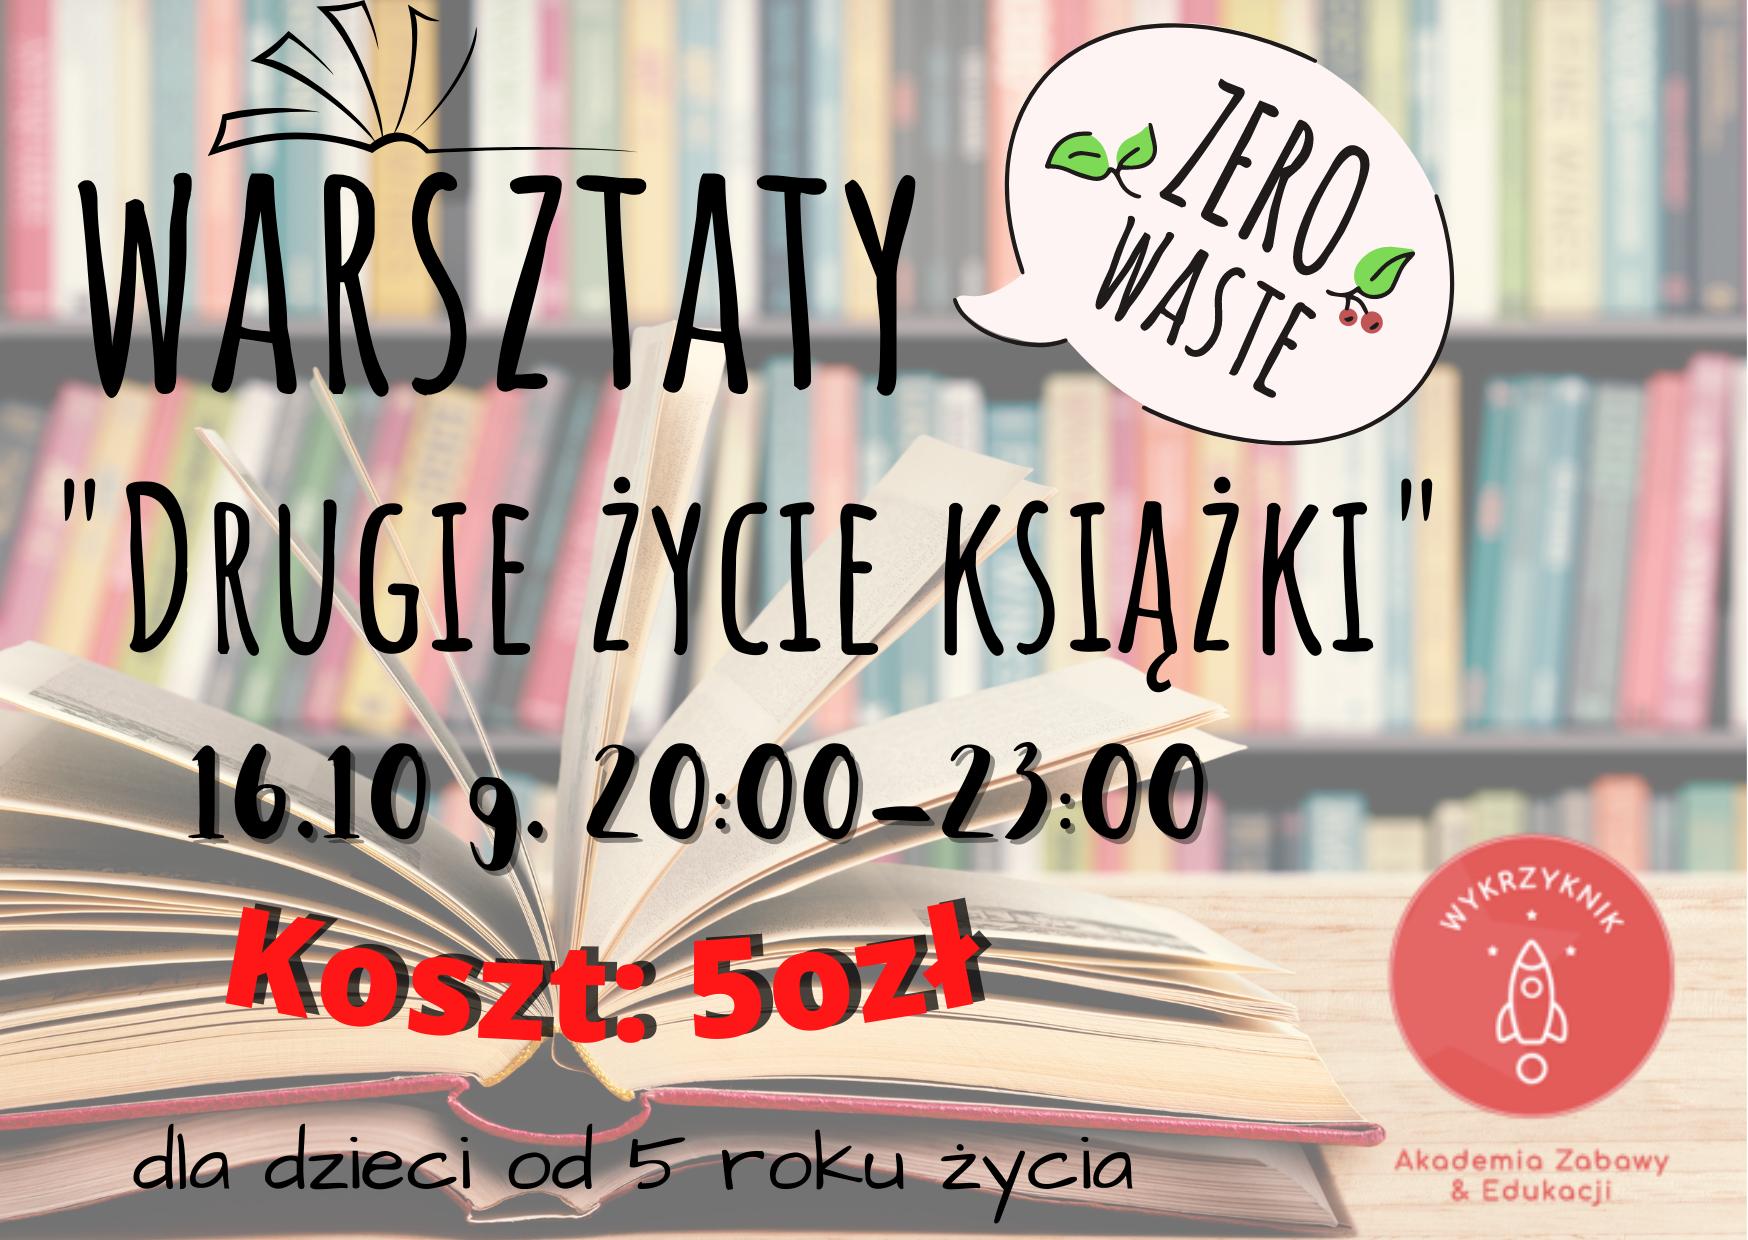 Warsztaty zero-waste dla dzieci 16.10 g. 20:00